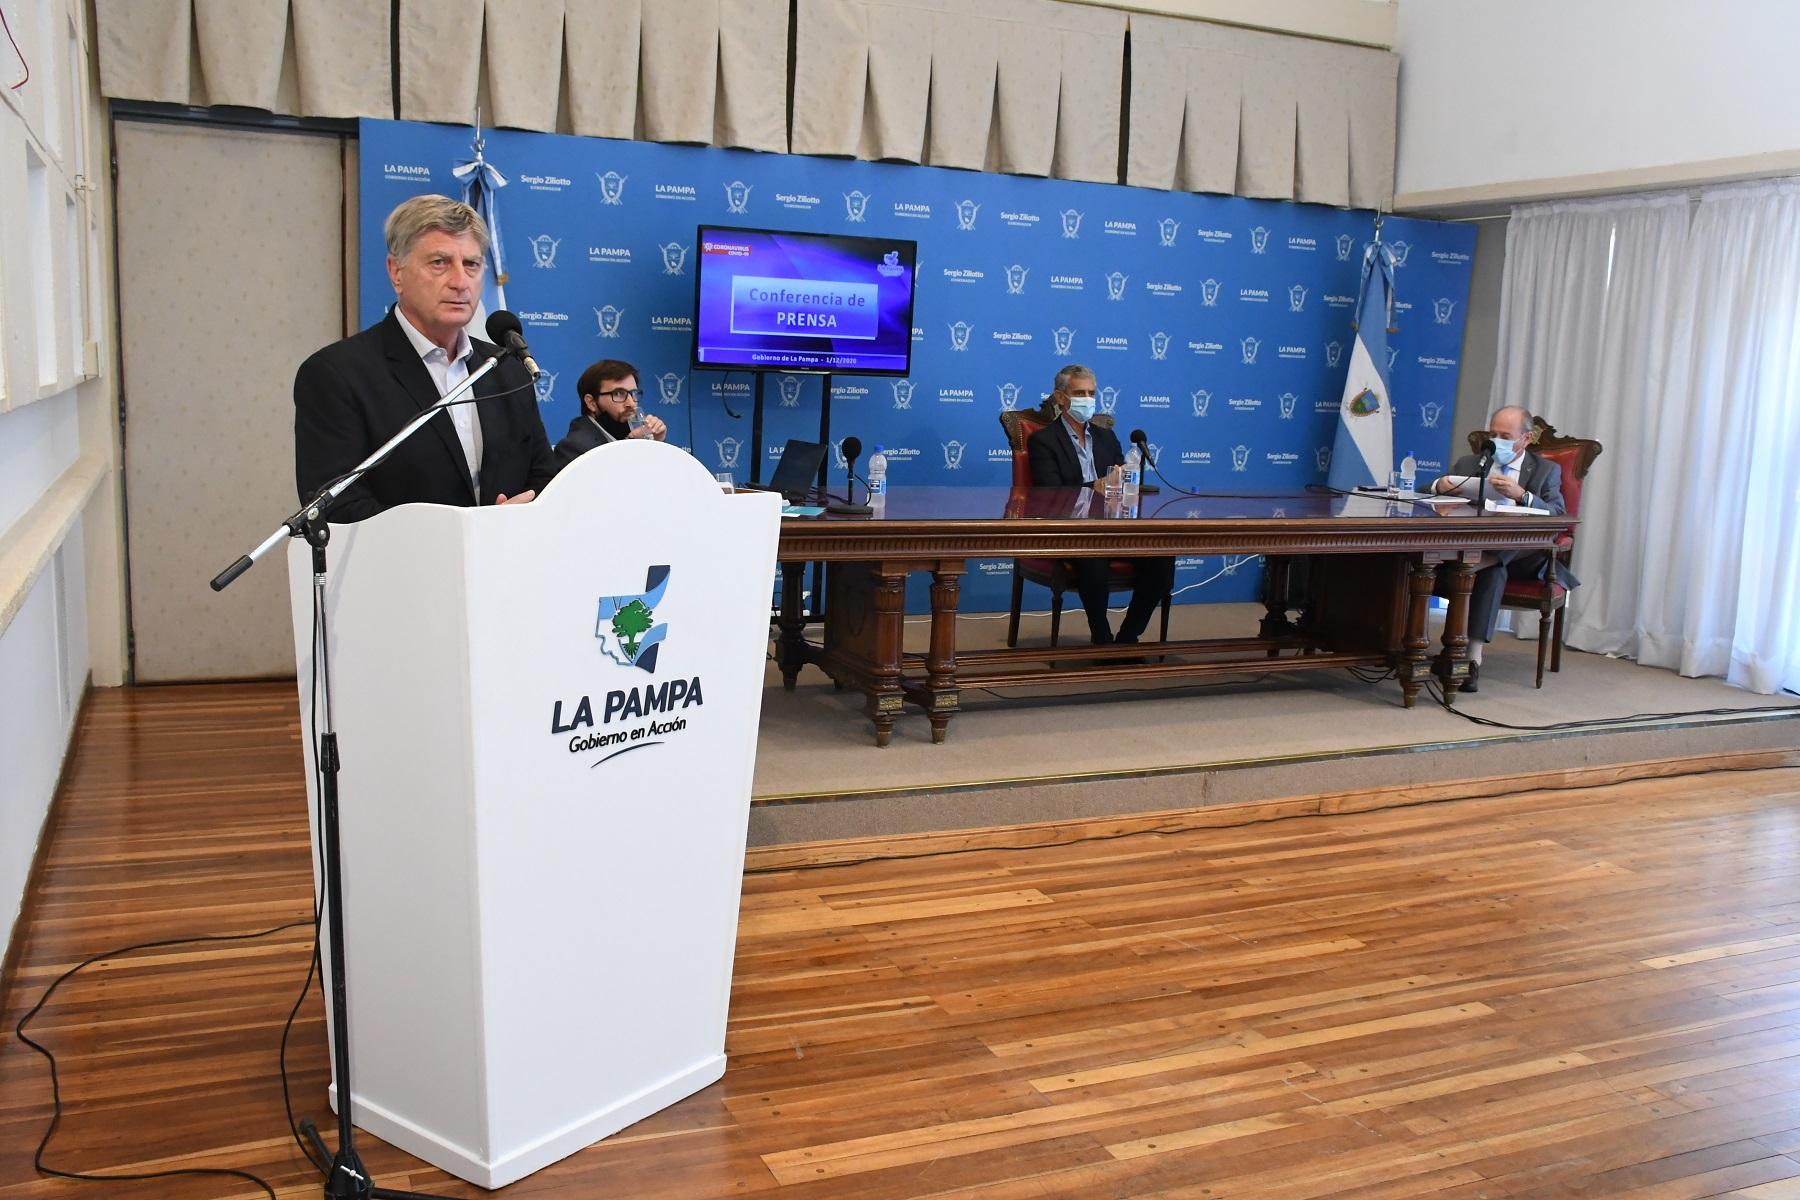 ES OFICIAL: Ziliotto anunció la apertura total de ingreso a La Pampa sin cuarentena